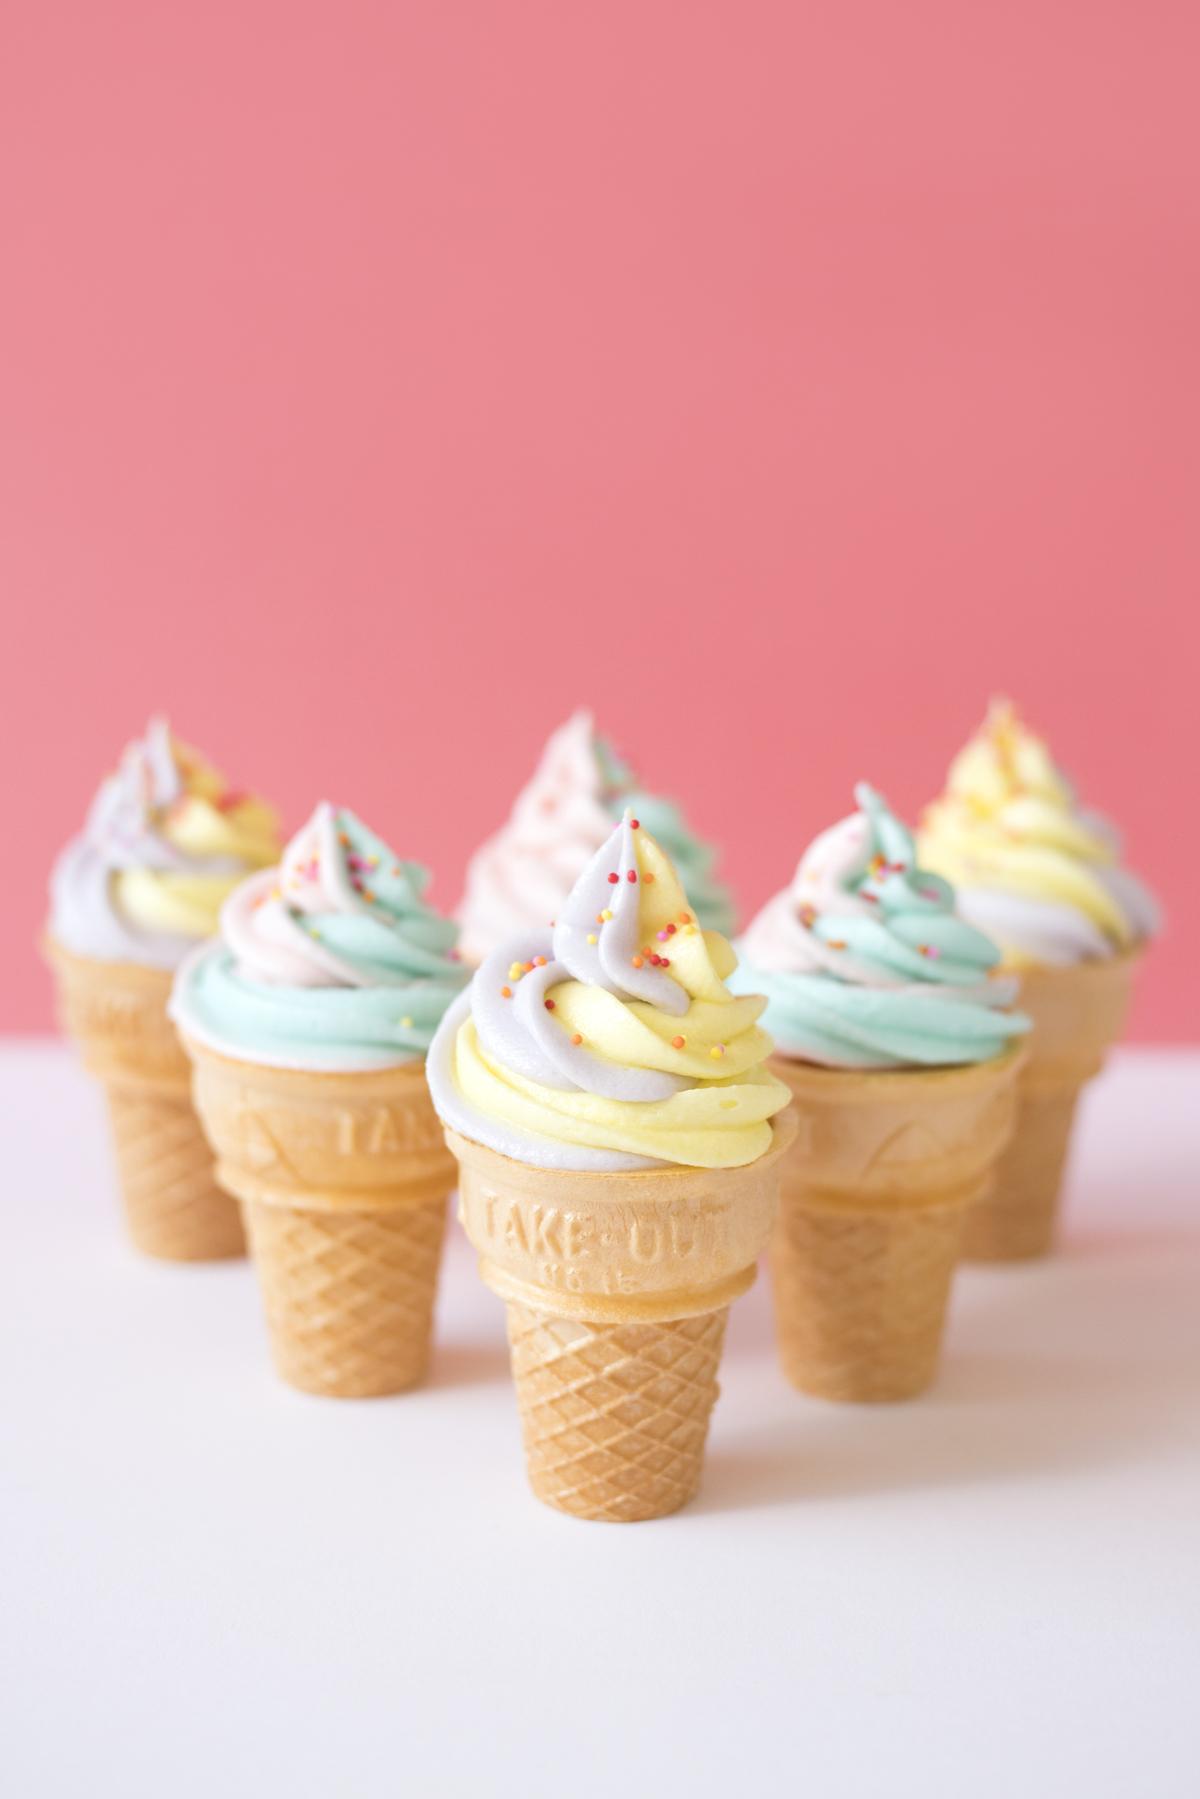 アイス風カップケーキ